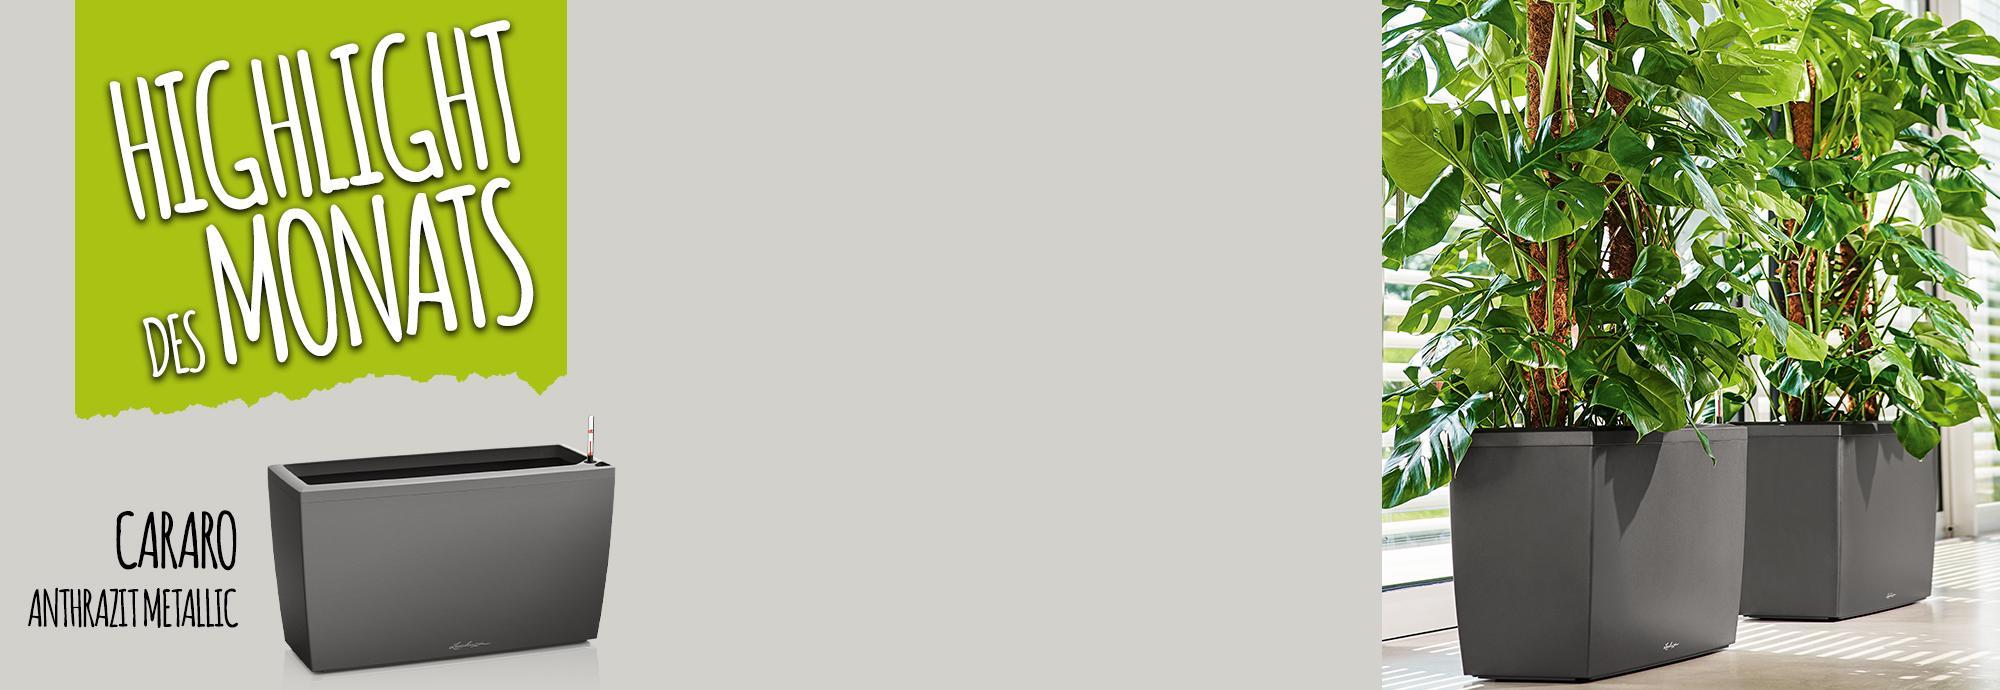 Catch of the Month: 15 Prozent sparen beim Kauf von CARARO anthrazit metallic